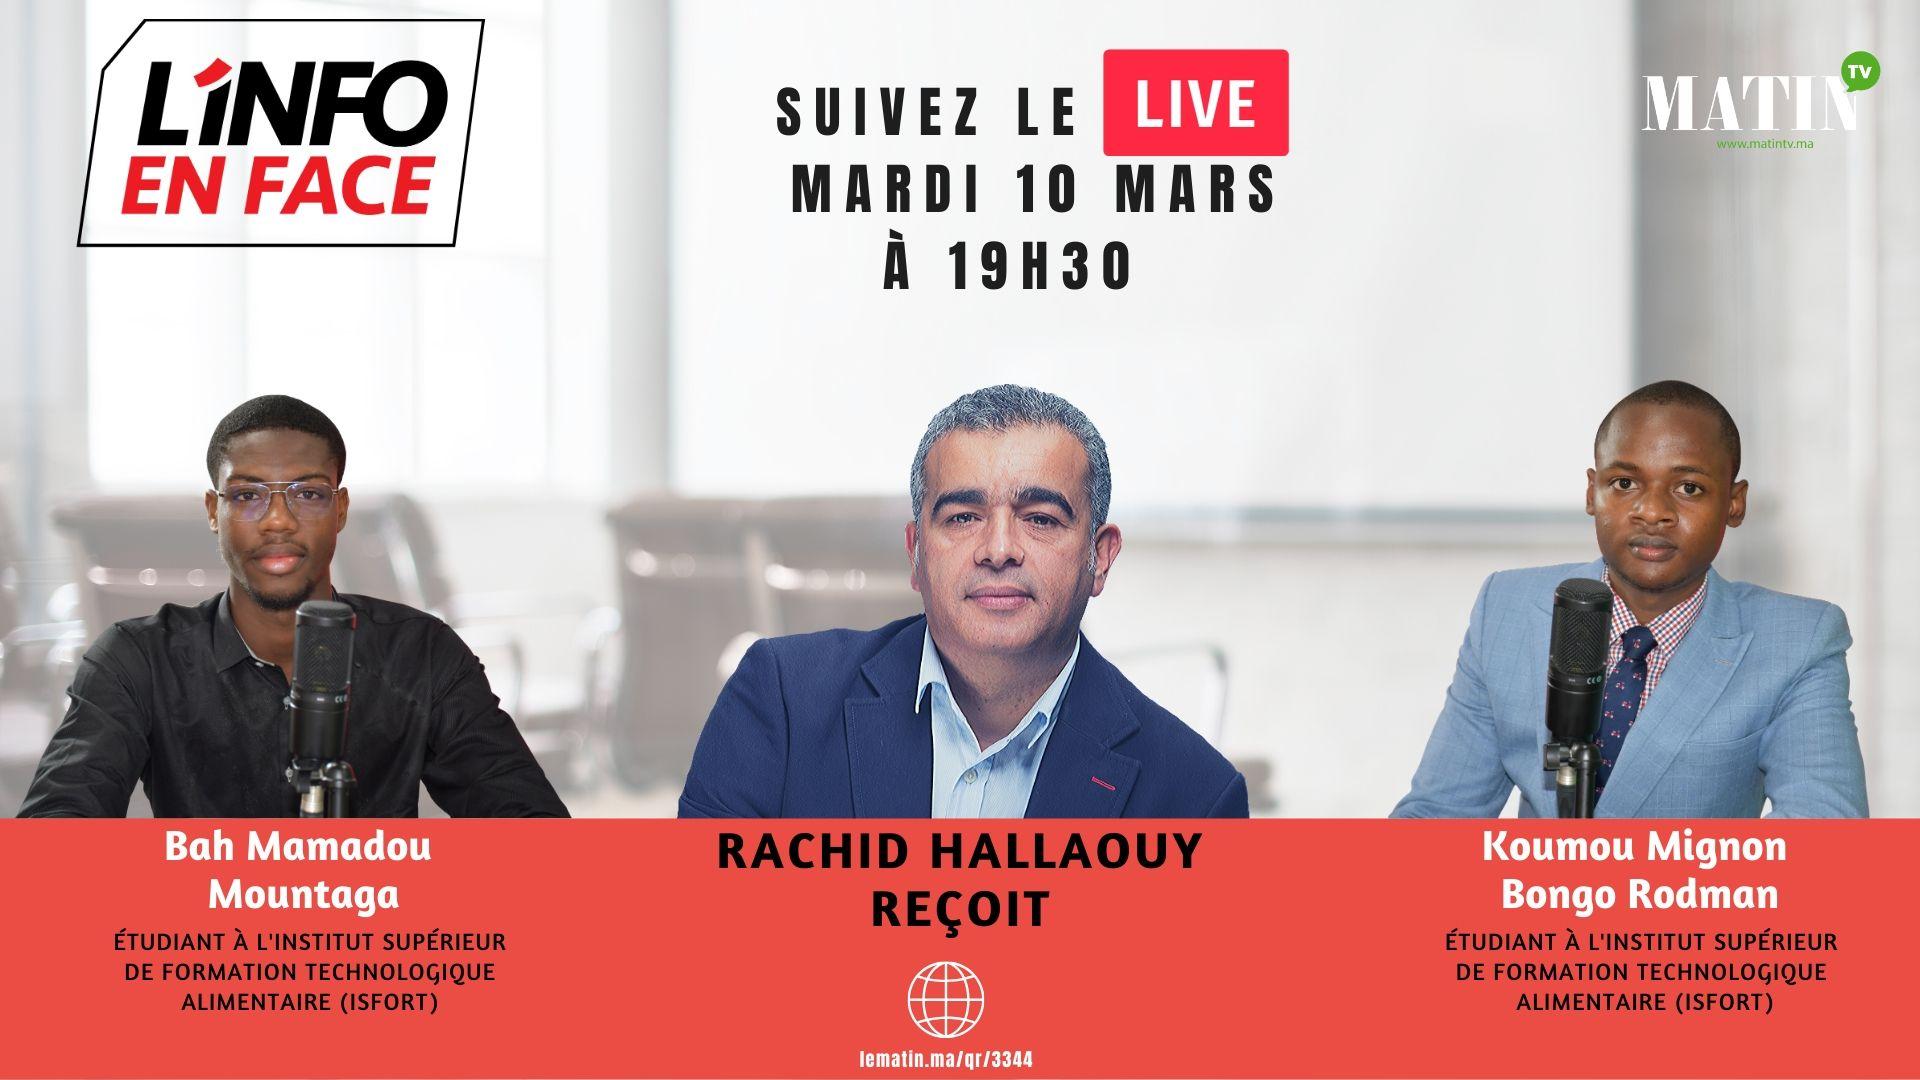 Live : L'Info en Face 100% jeunes avec K. Mignon Bongo Rodman et Bah Mamadou Mountaga